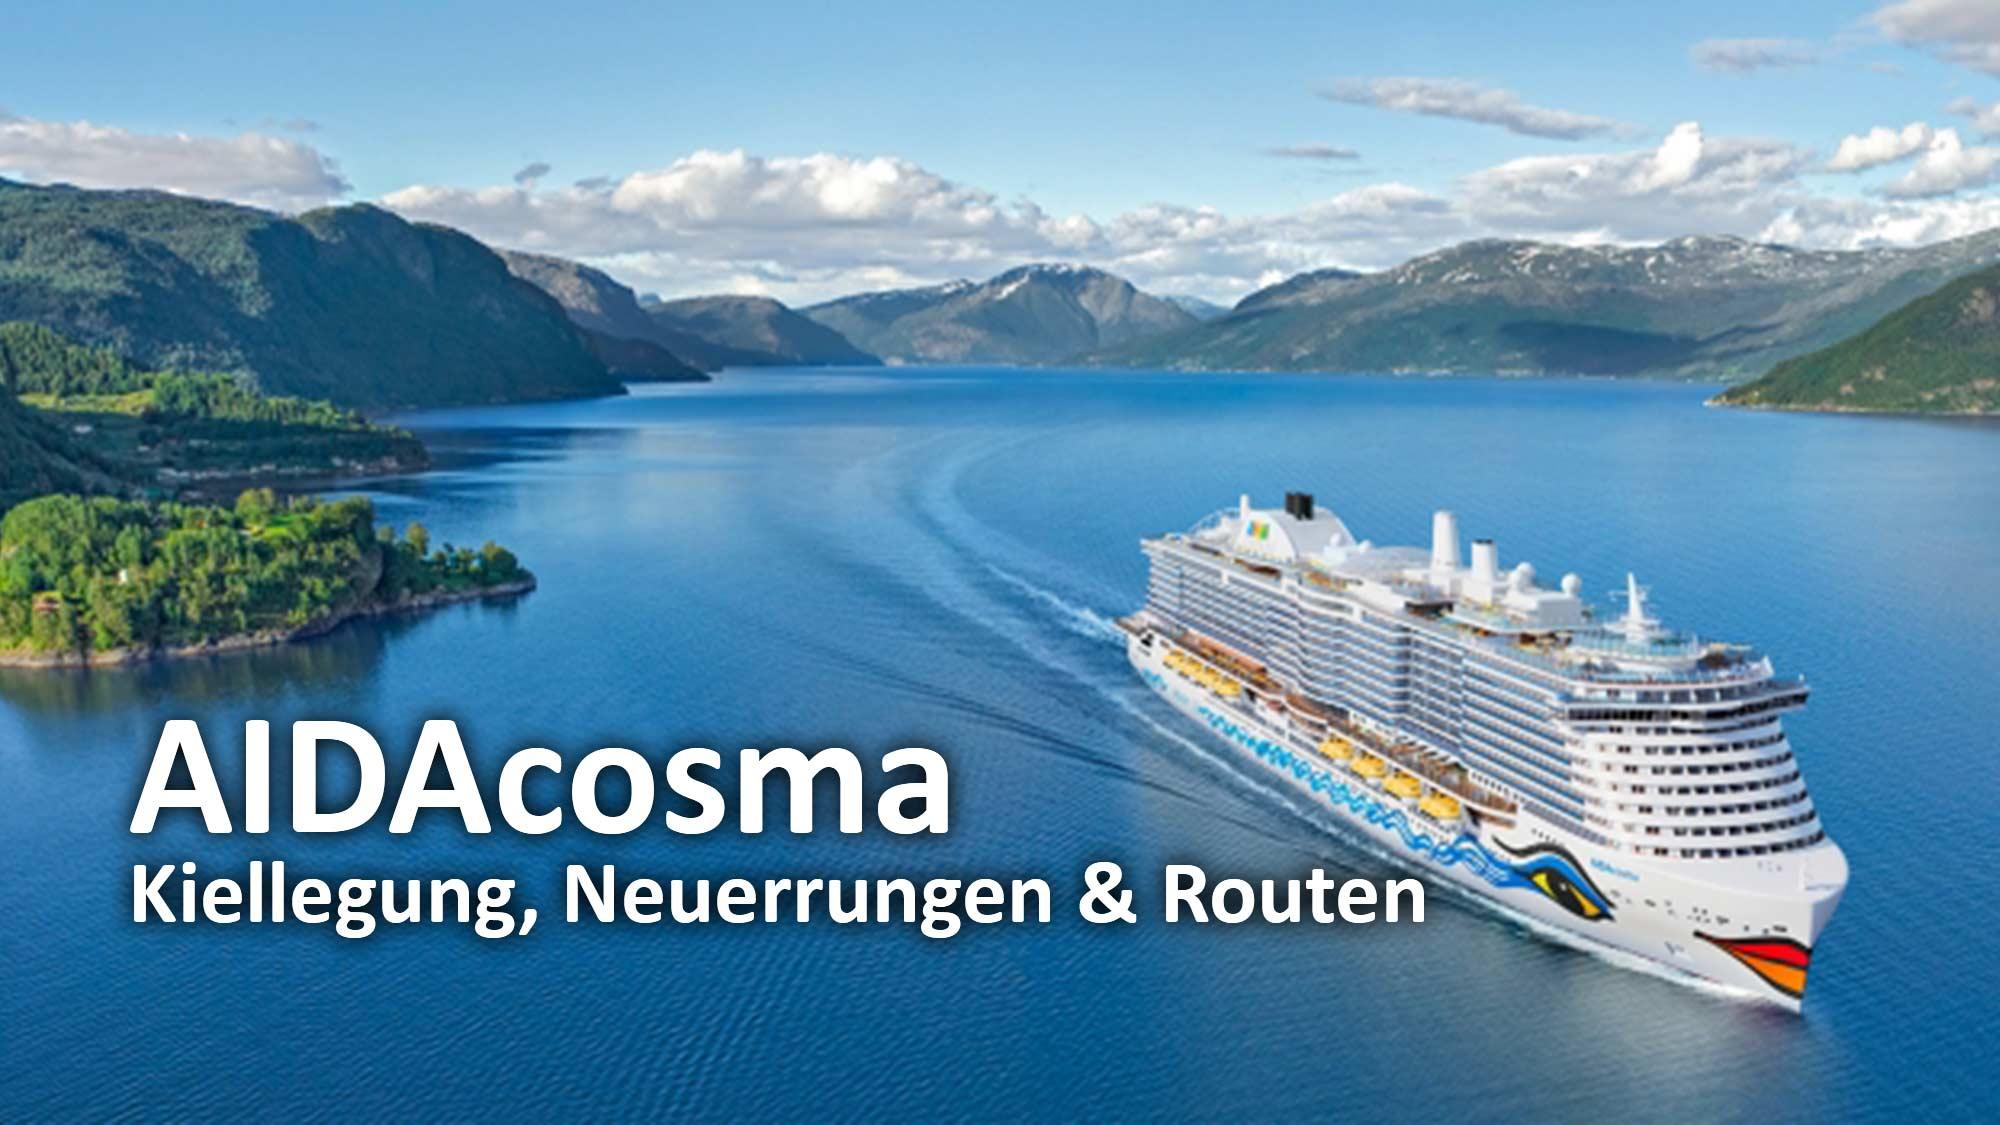 AIDAcosma - Kiellegung, Neuerungen und Routen